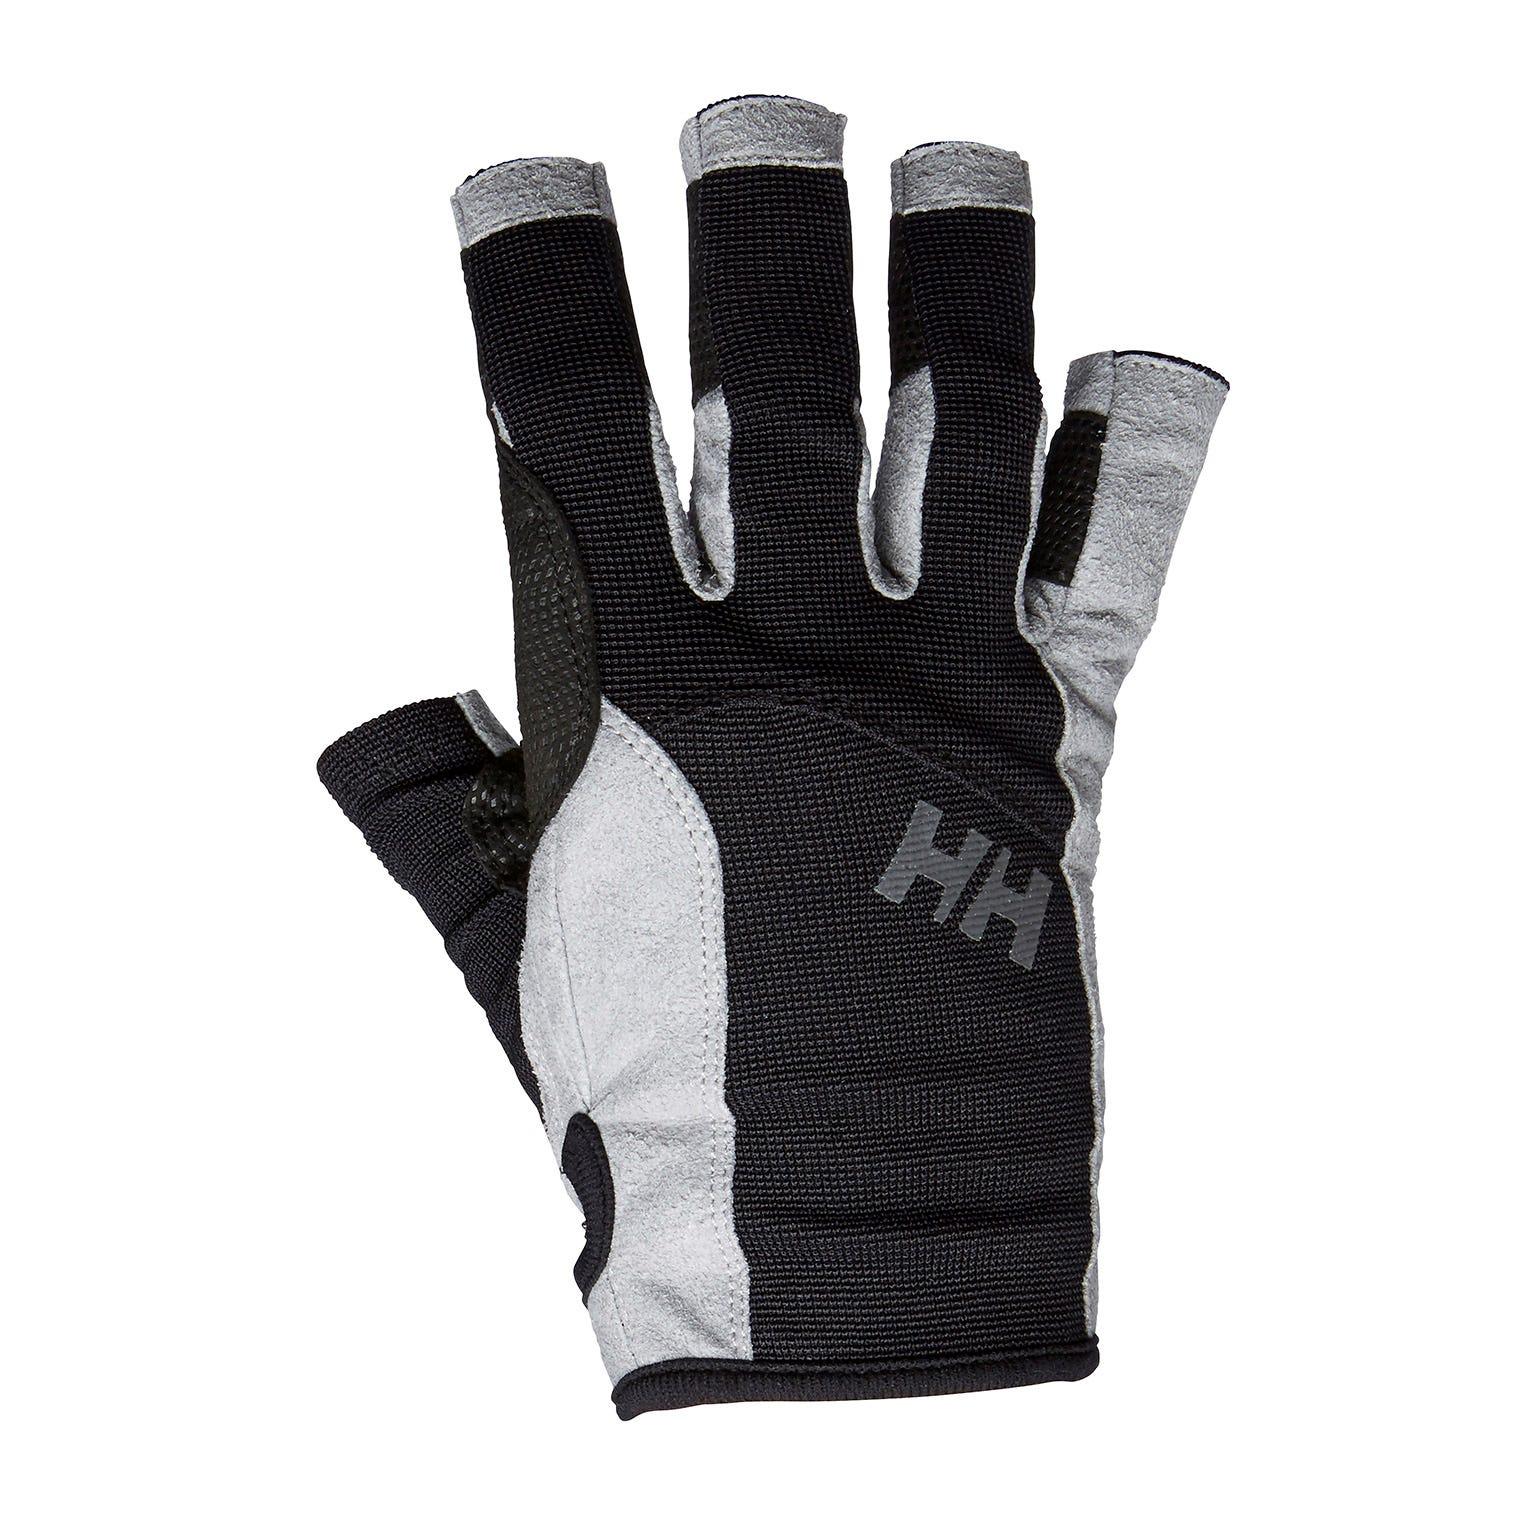 Helly Hansen Sailing Glove Short Black L